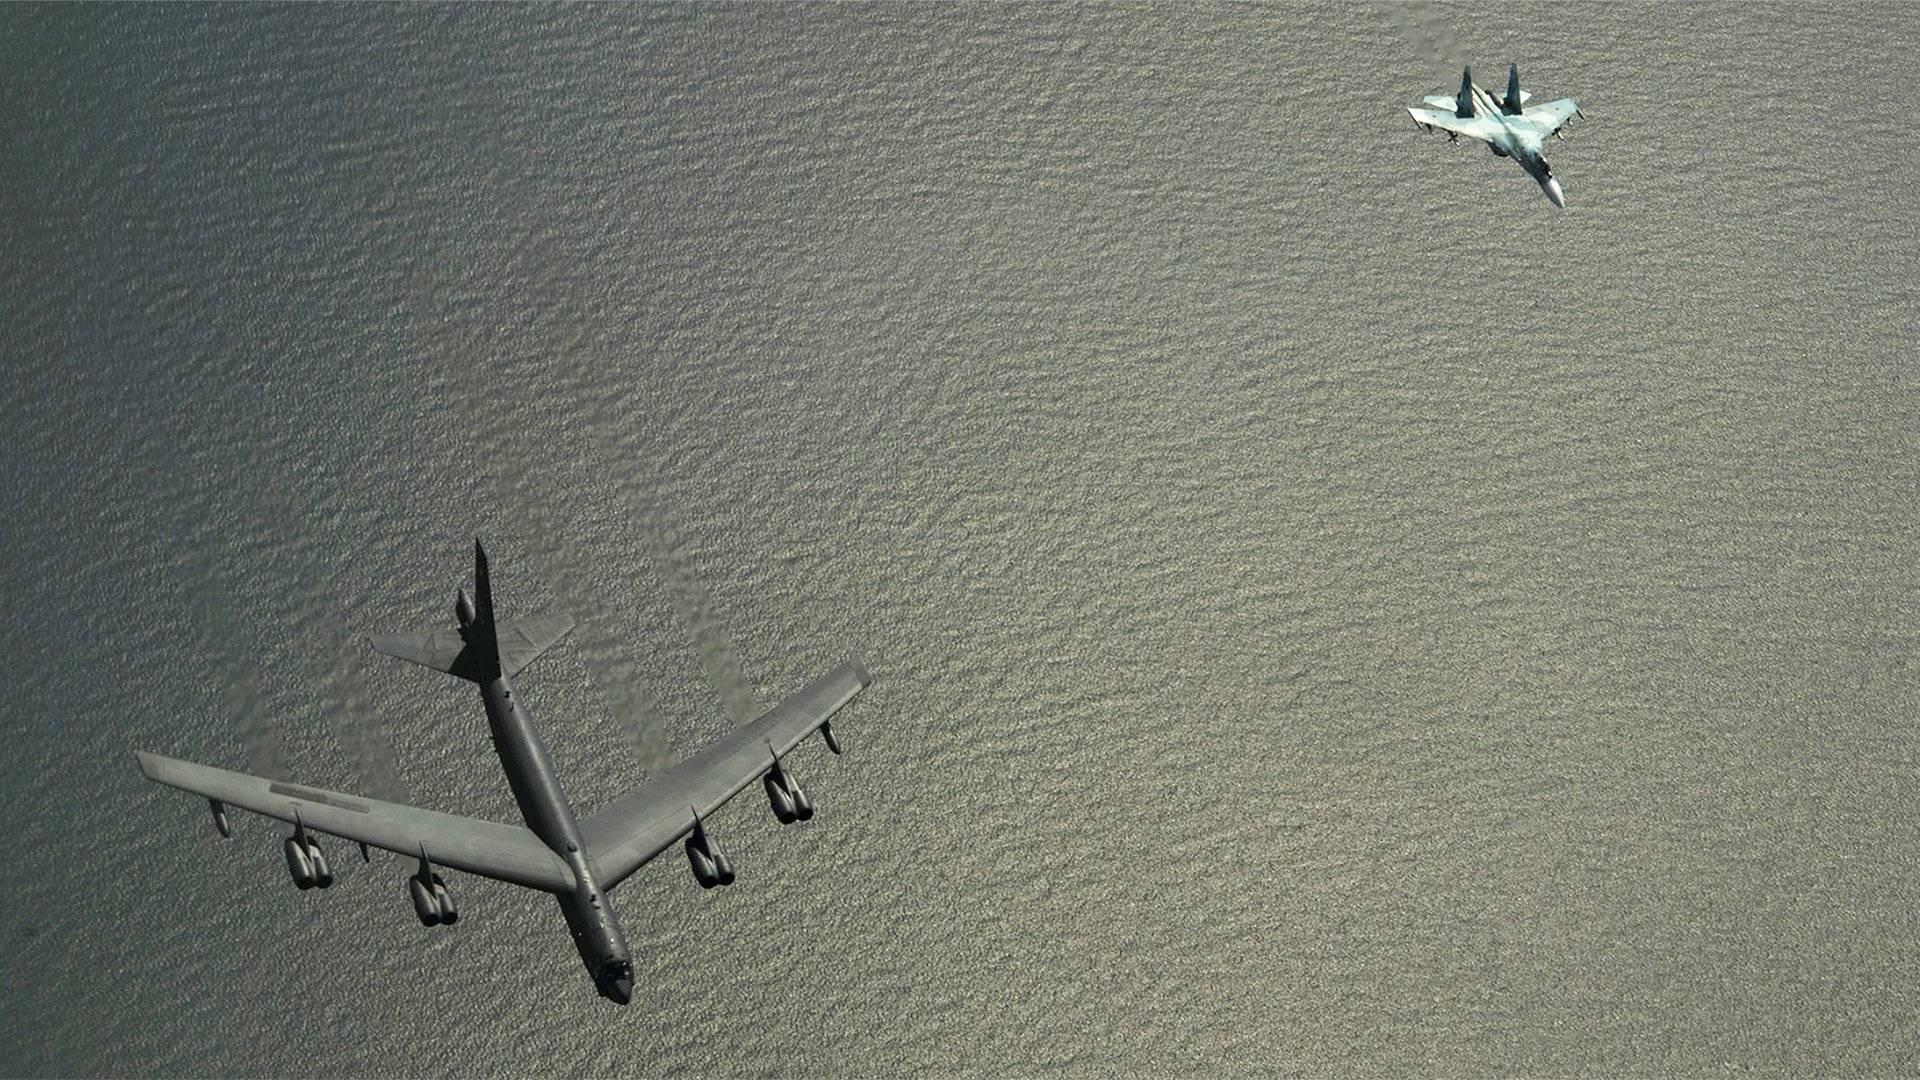 美军战略轰炸机飞近克里米亚 俄军苏27果断出击|轰炸机